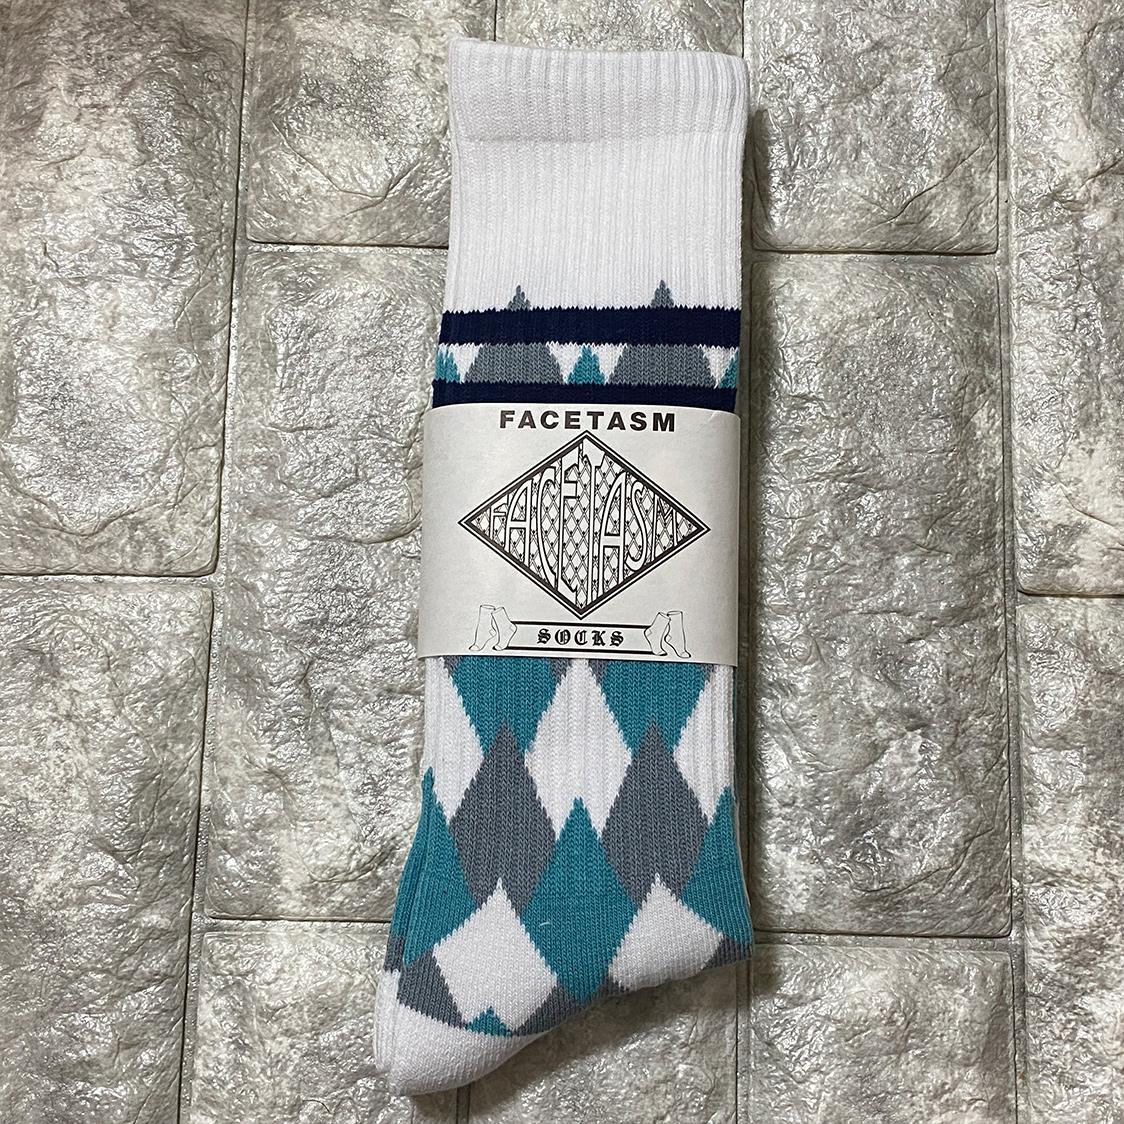 新品 FACETASM ファセッタズム 靴下 ハイソックス LOGO SOCKS ロゴ フリーサイズ メンズ ホワイト 水色